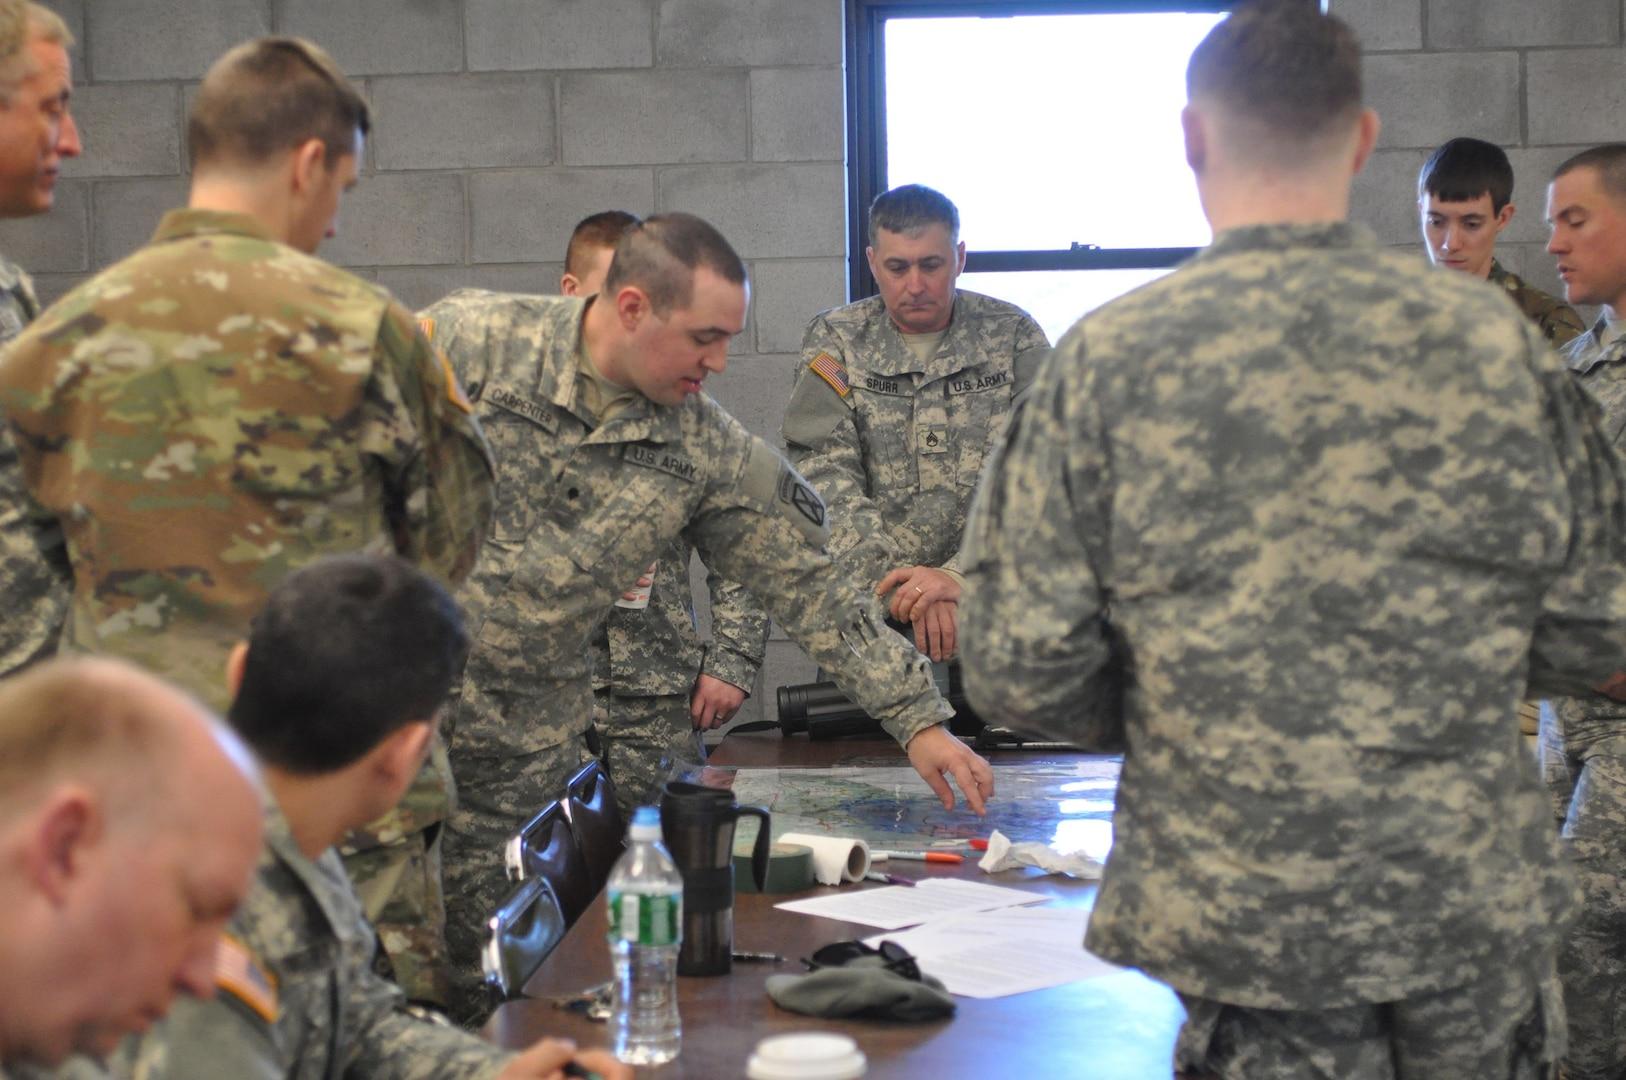 Military Intelligence Training